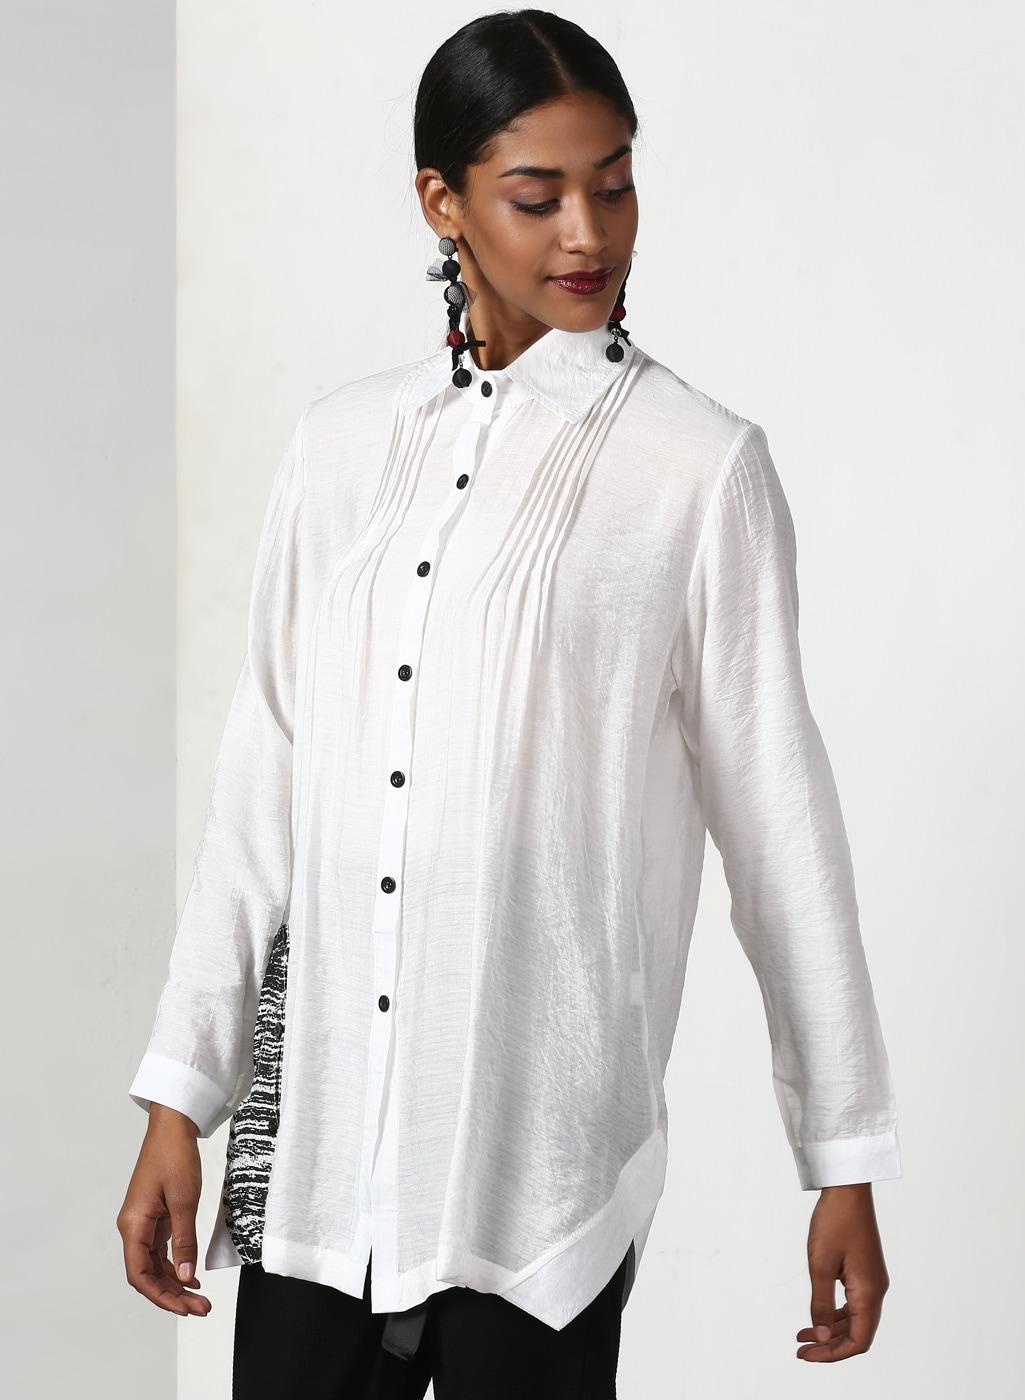 Women Apparel Tops Tees Shirts - Buy Women Apparel Tops Tees Shirts